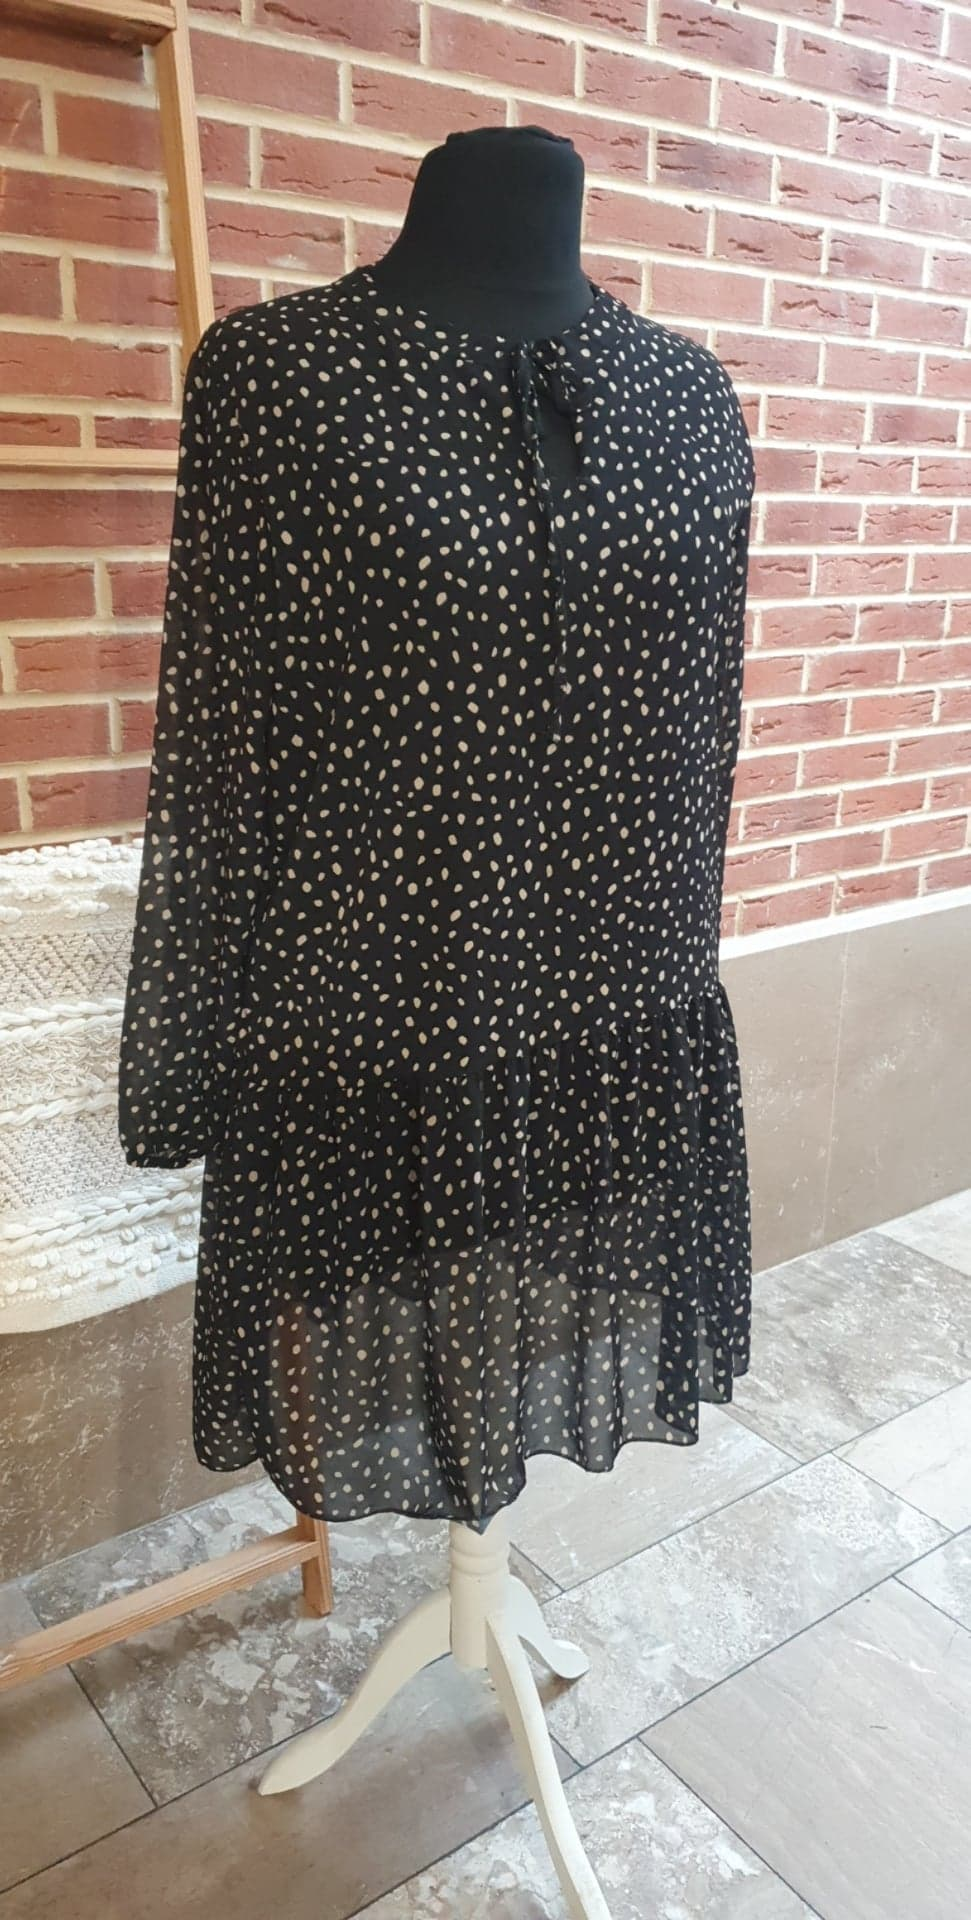 Robe noir pois beige à lacet - ROB_POI_BEI_LAC